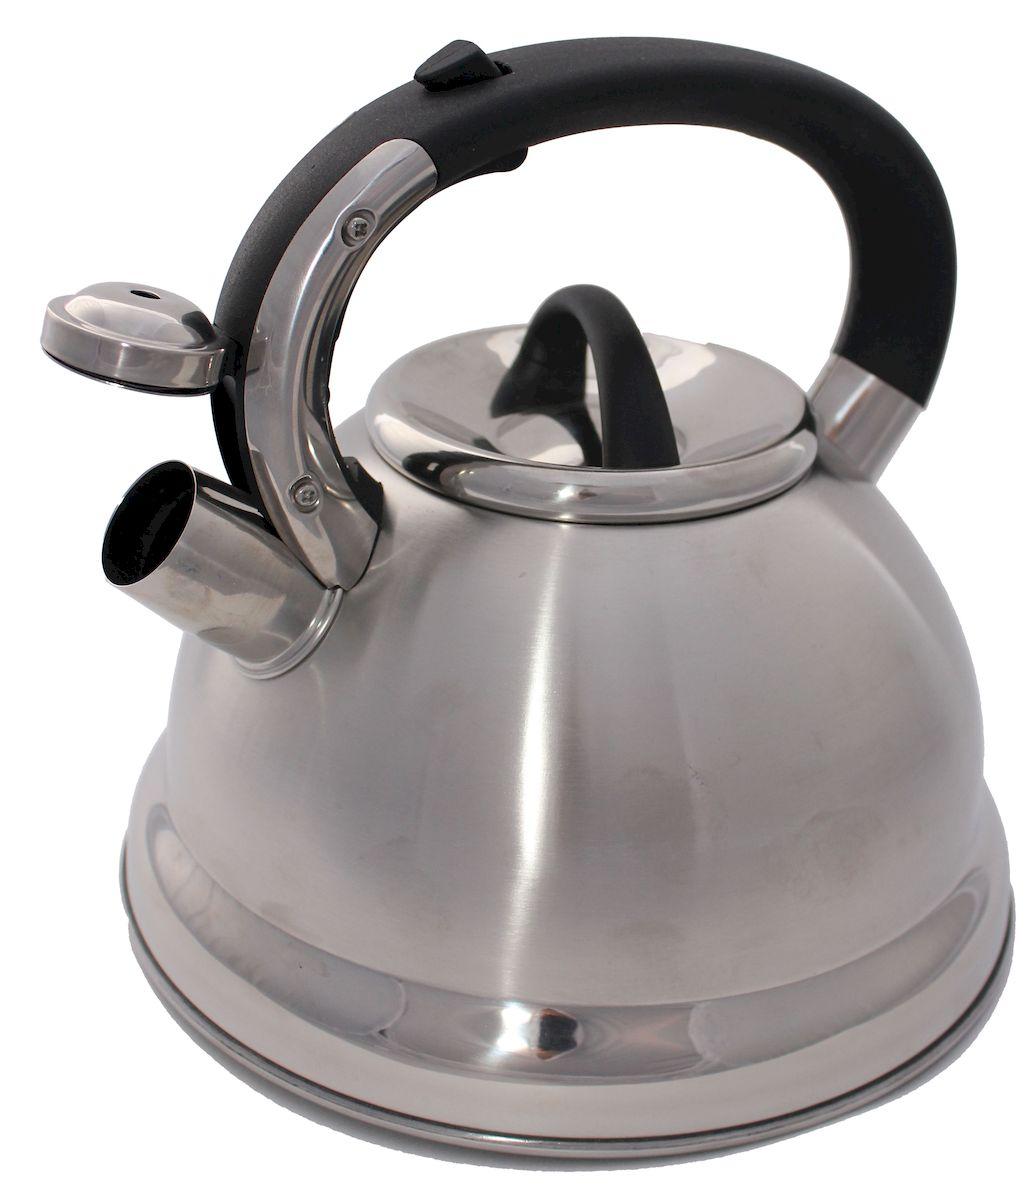 Чайник Hoffmann, со свистком, 4,8 л. HM 5548HM 5548